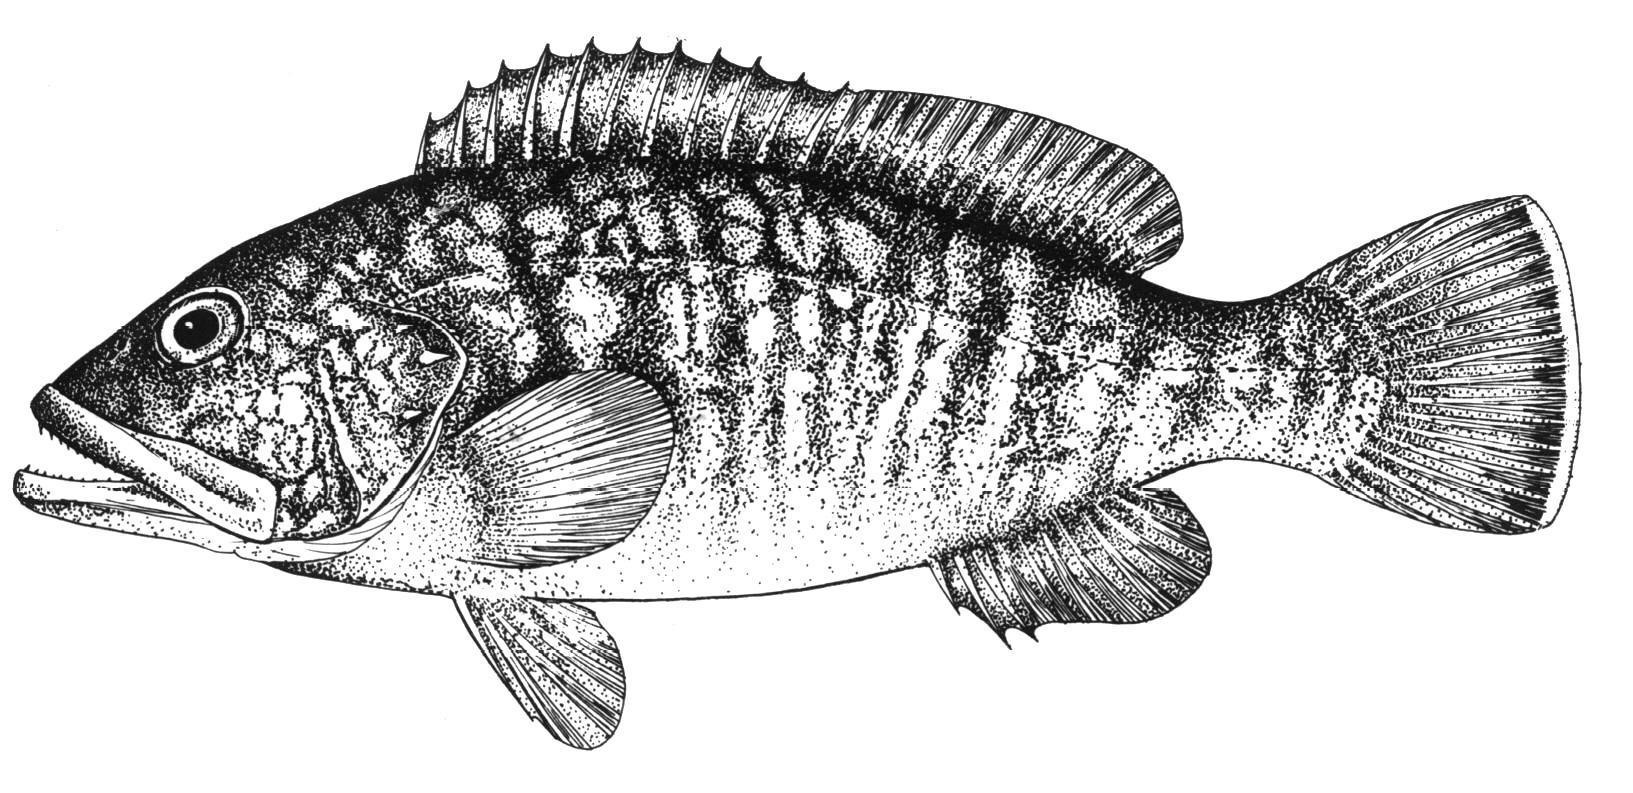 balik Epinephelus marginatus